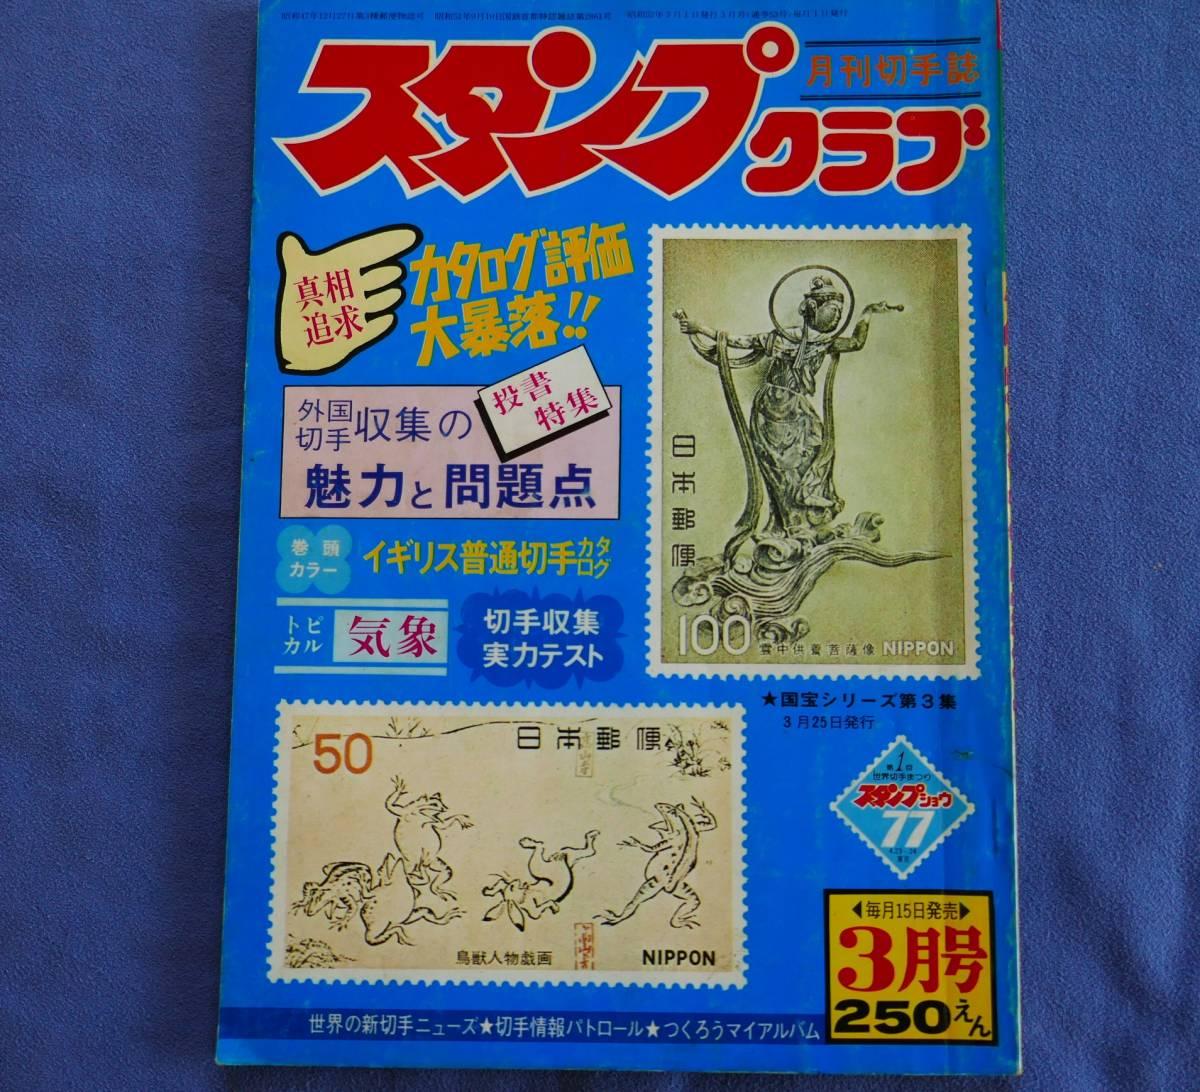 1977年3月号★スタンプクラブ★投書特集 外国切手収集の魅力と問題点★年代物_画像1